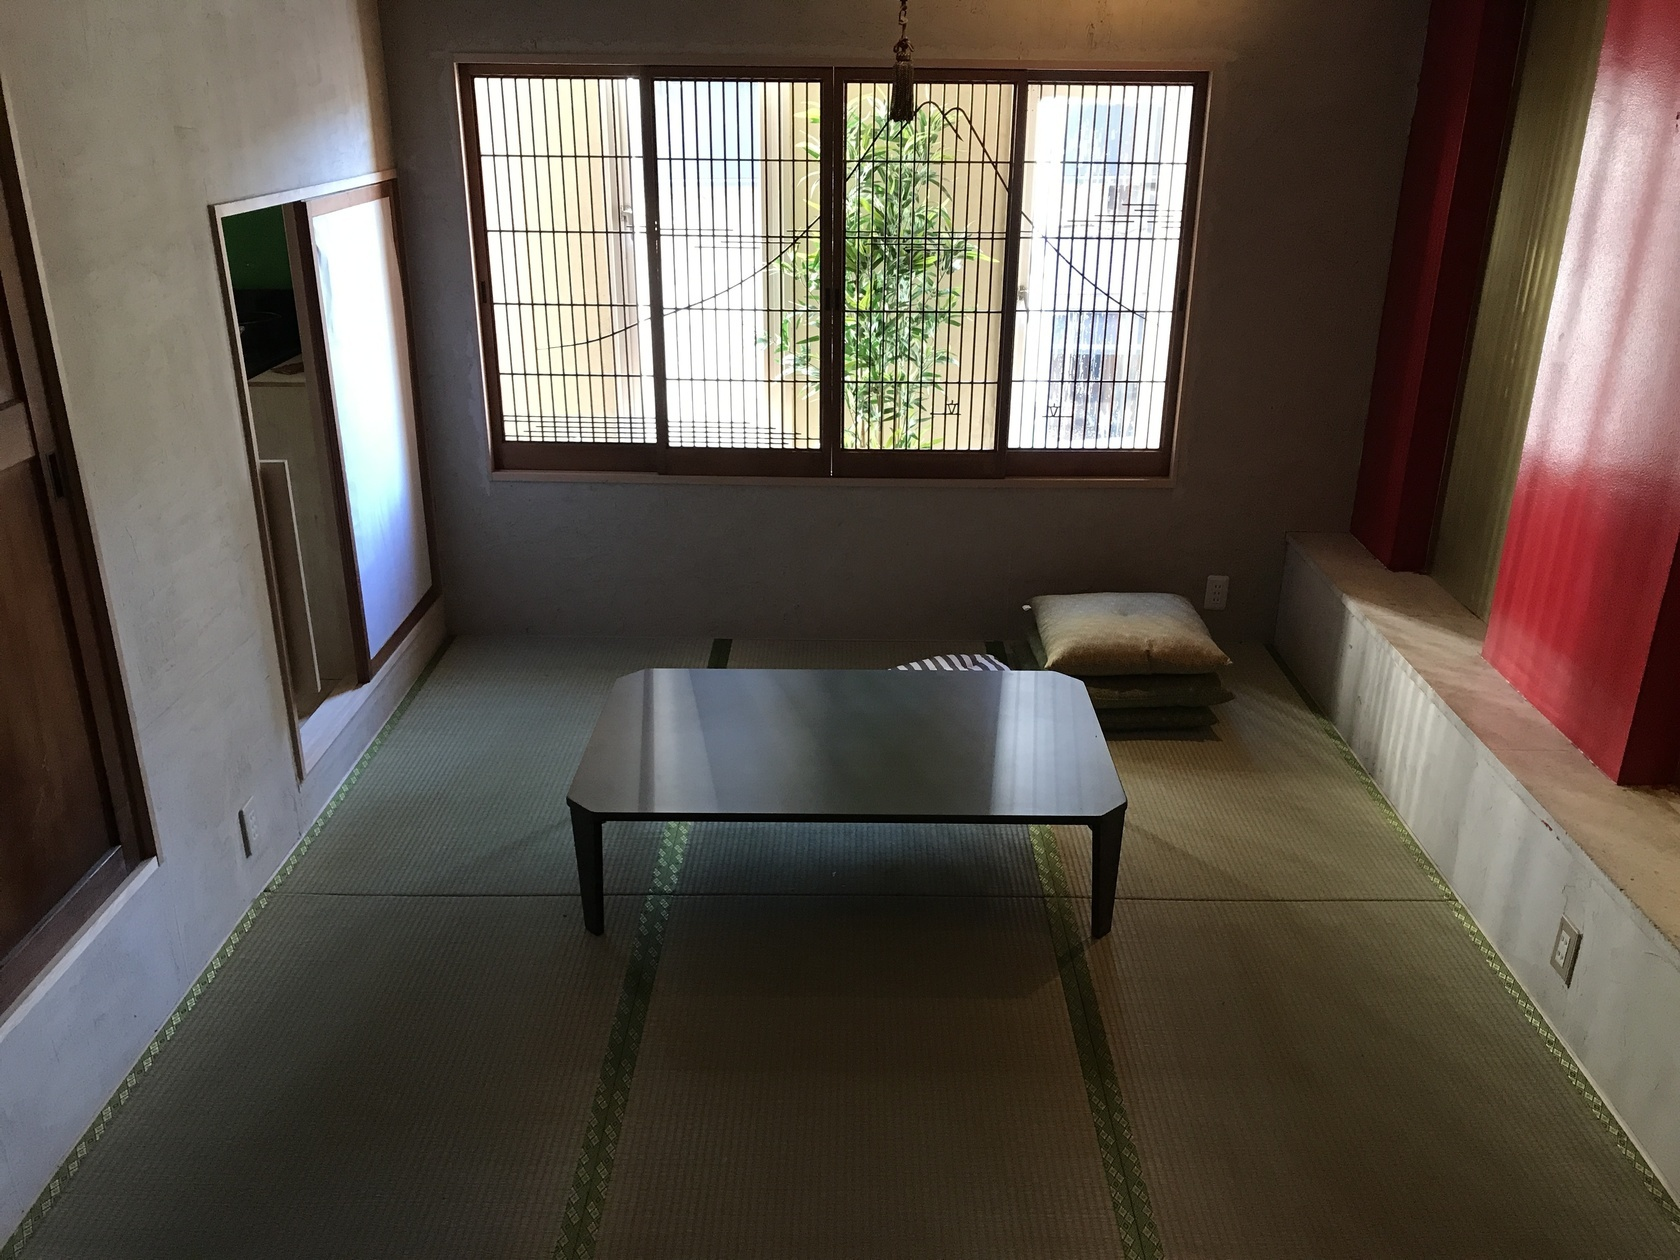 渋谷神宮前(TRUNK Hotel前)おしゃれ畳・座敷(渋谷神宮前(TRUNK Hotel前)カウンターキッチン付き和の空間) の写真0